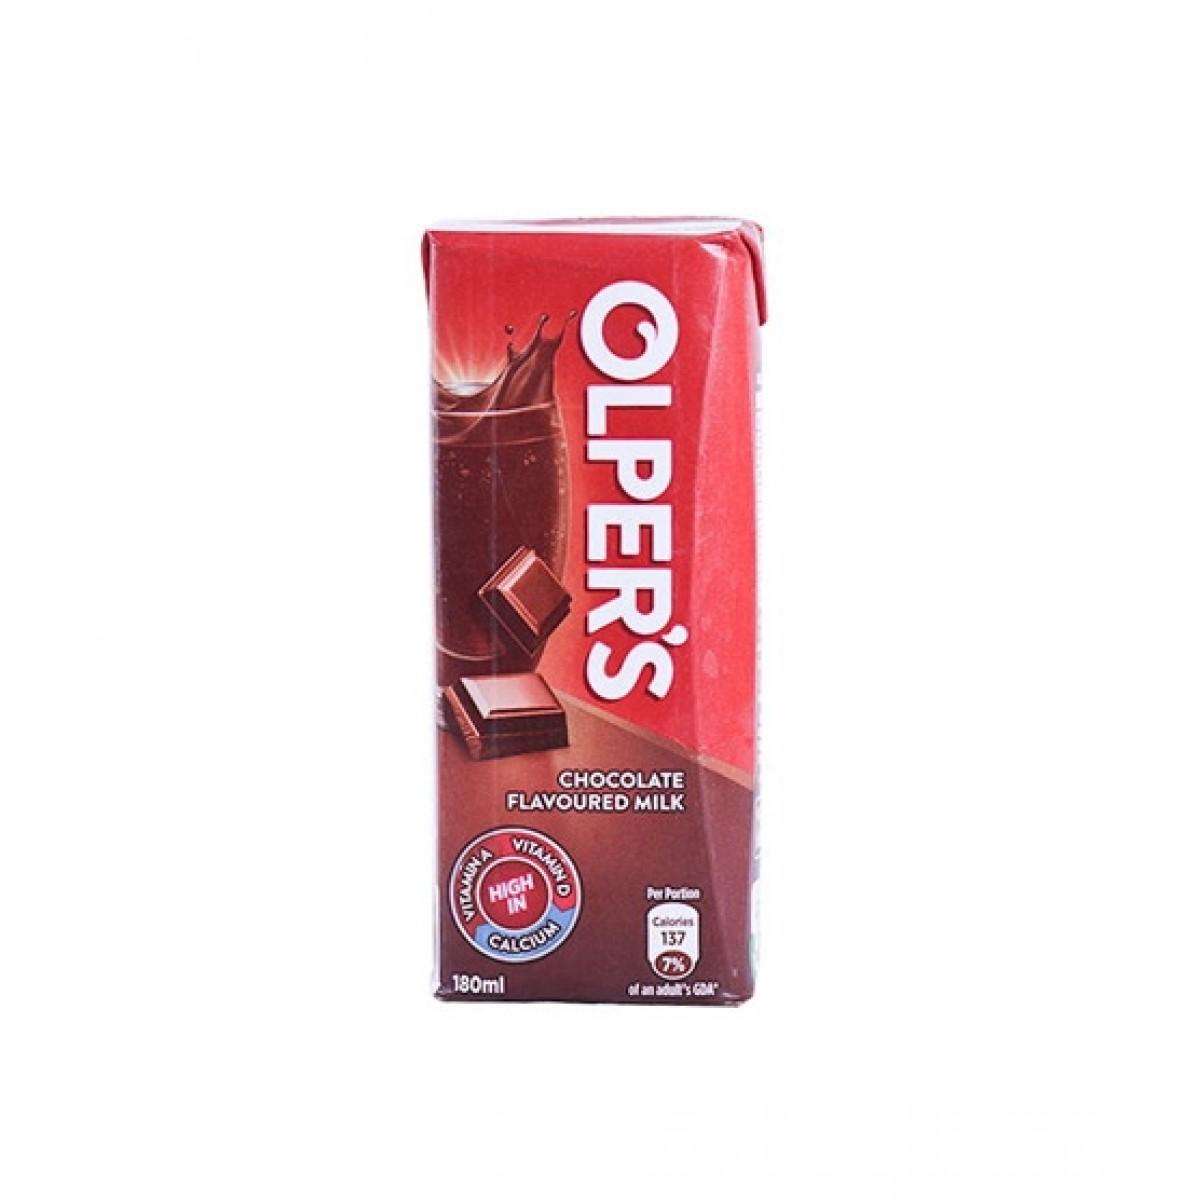 Olpers Chocolate Flavored Milk 180ml